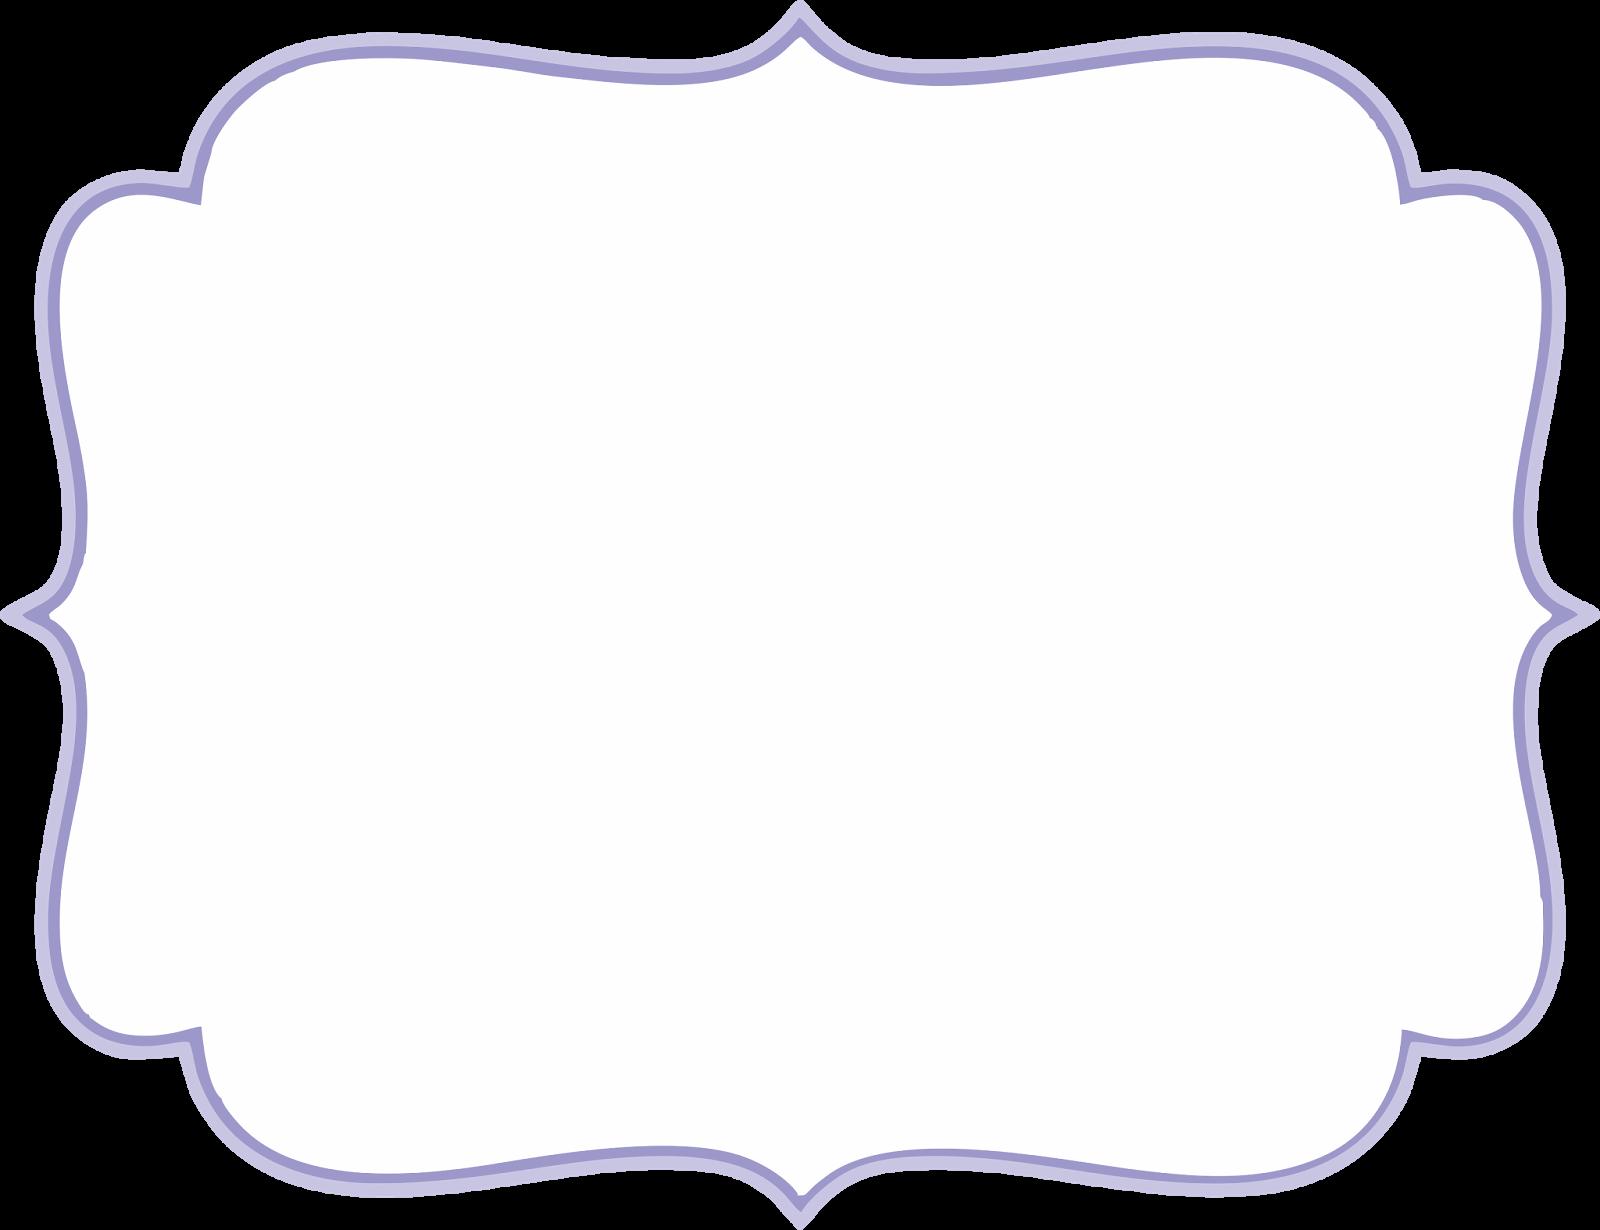 Frames em png gr tis para baixar cantinho do blog for Plaque de plexiglas transparent castorama